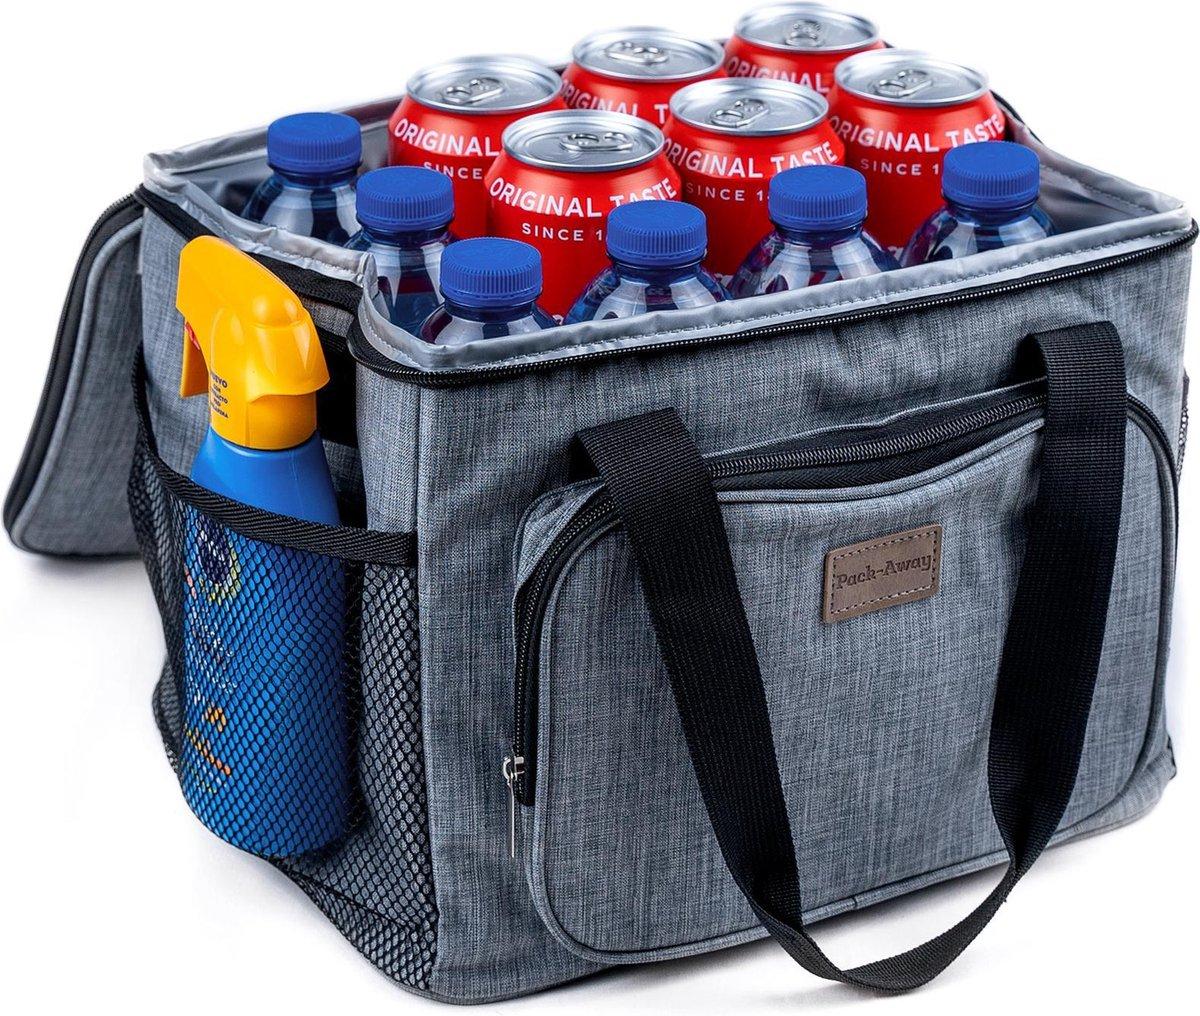 Packaway 3 Laags Ge soleerde Koeltas - Lunchtas 15 liter - Grijs